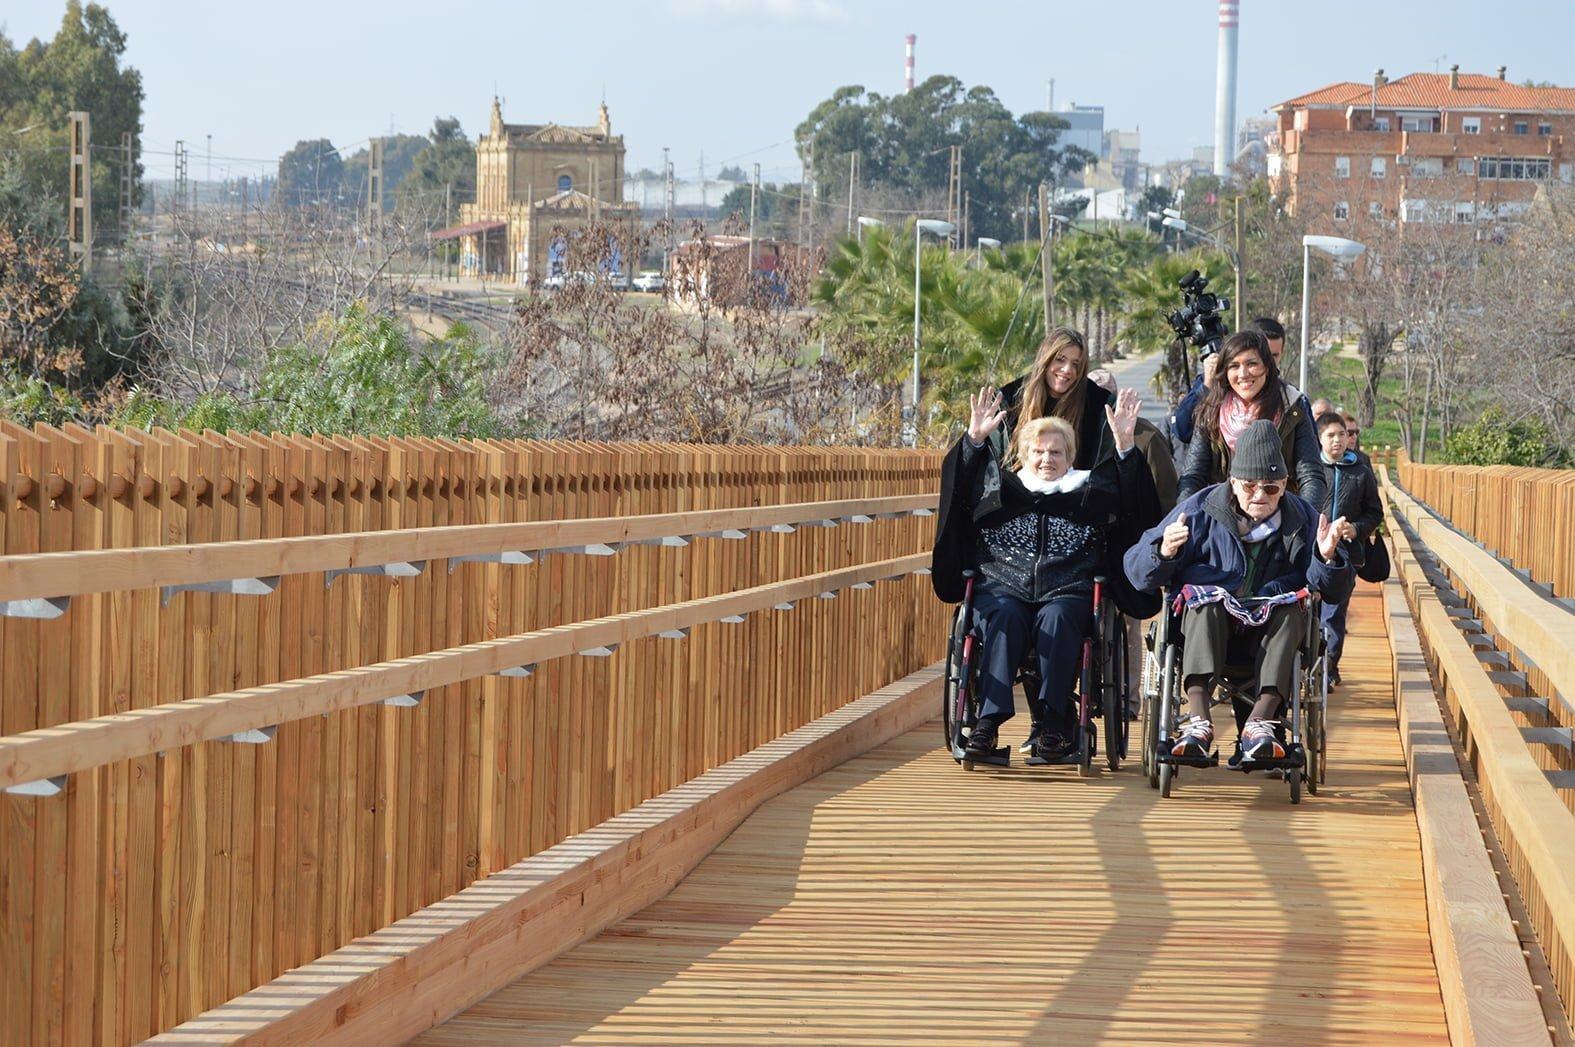 La pasarela ha sido configurada para personas con movilidad reducida